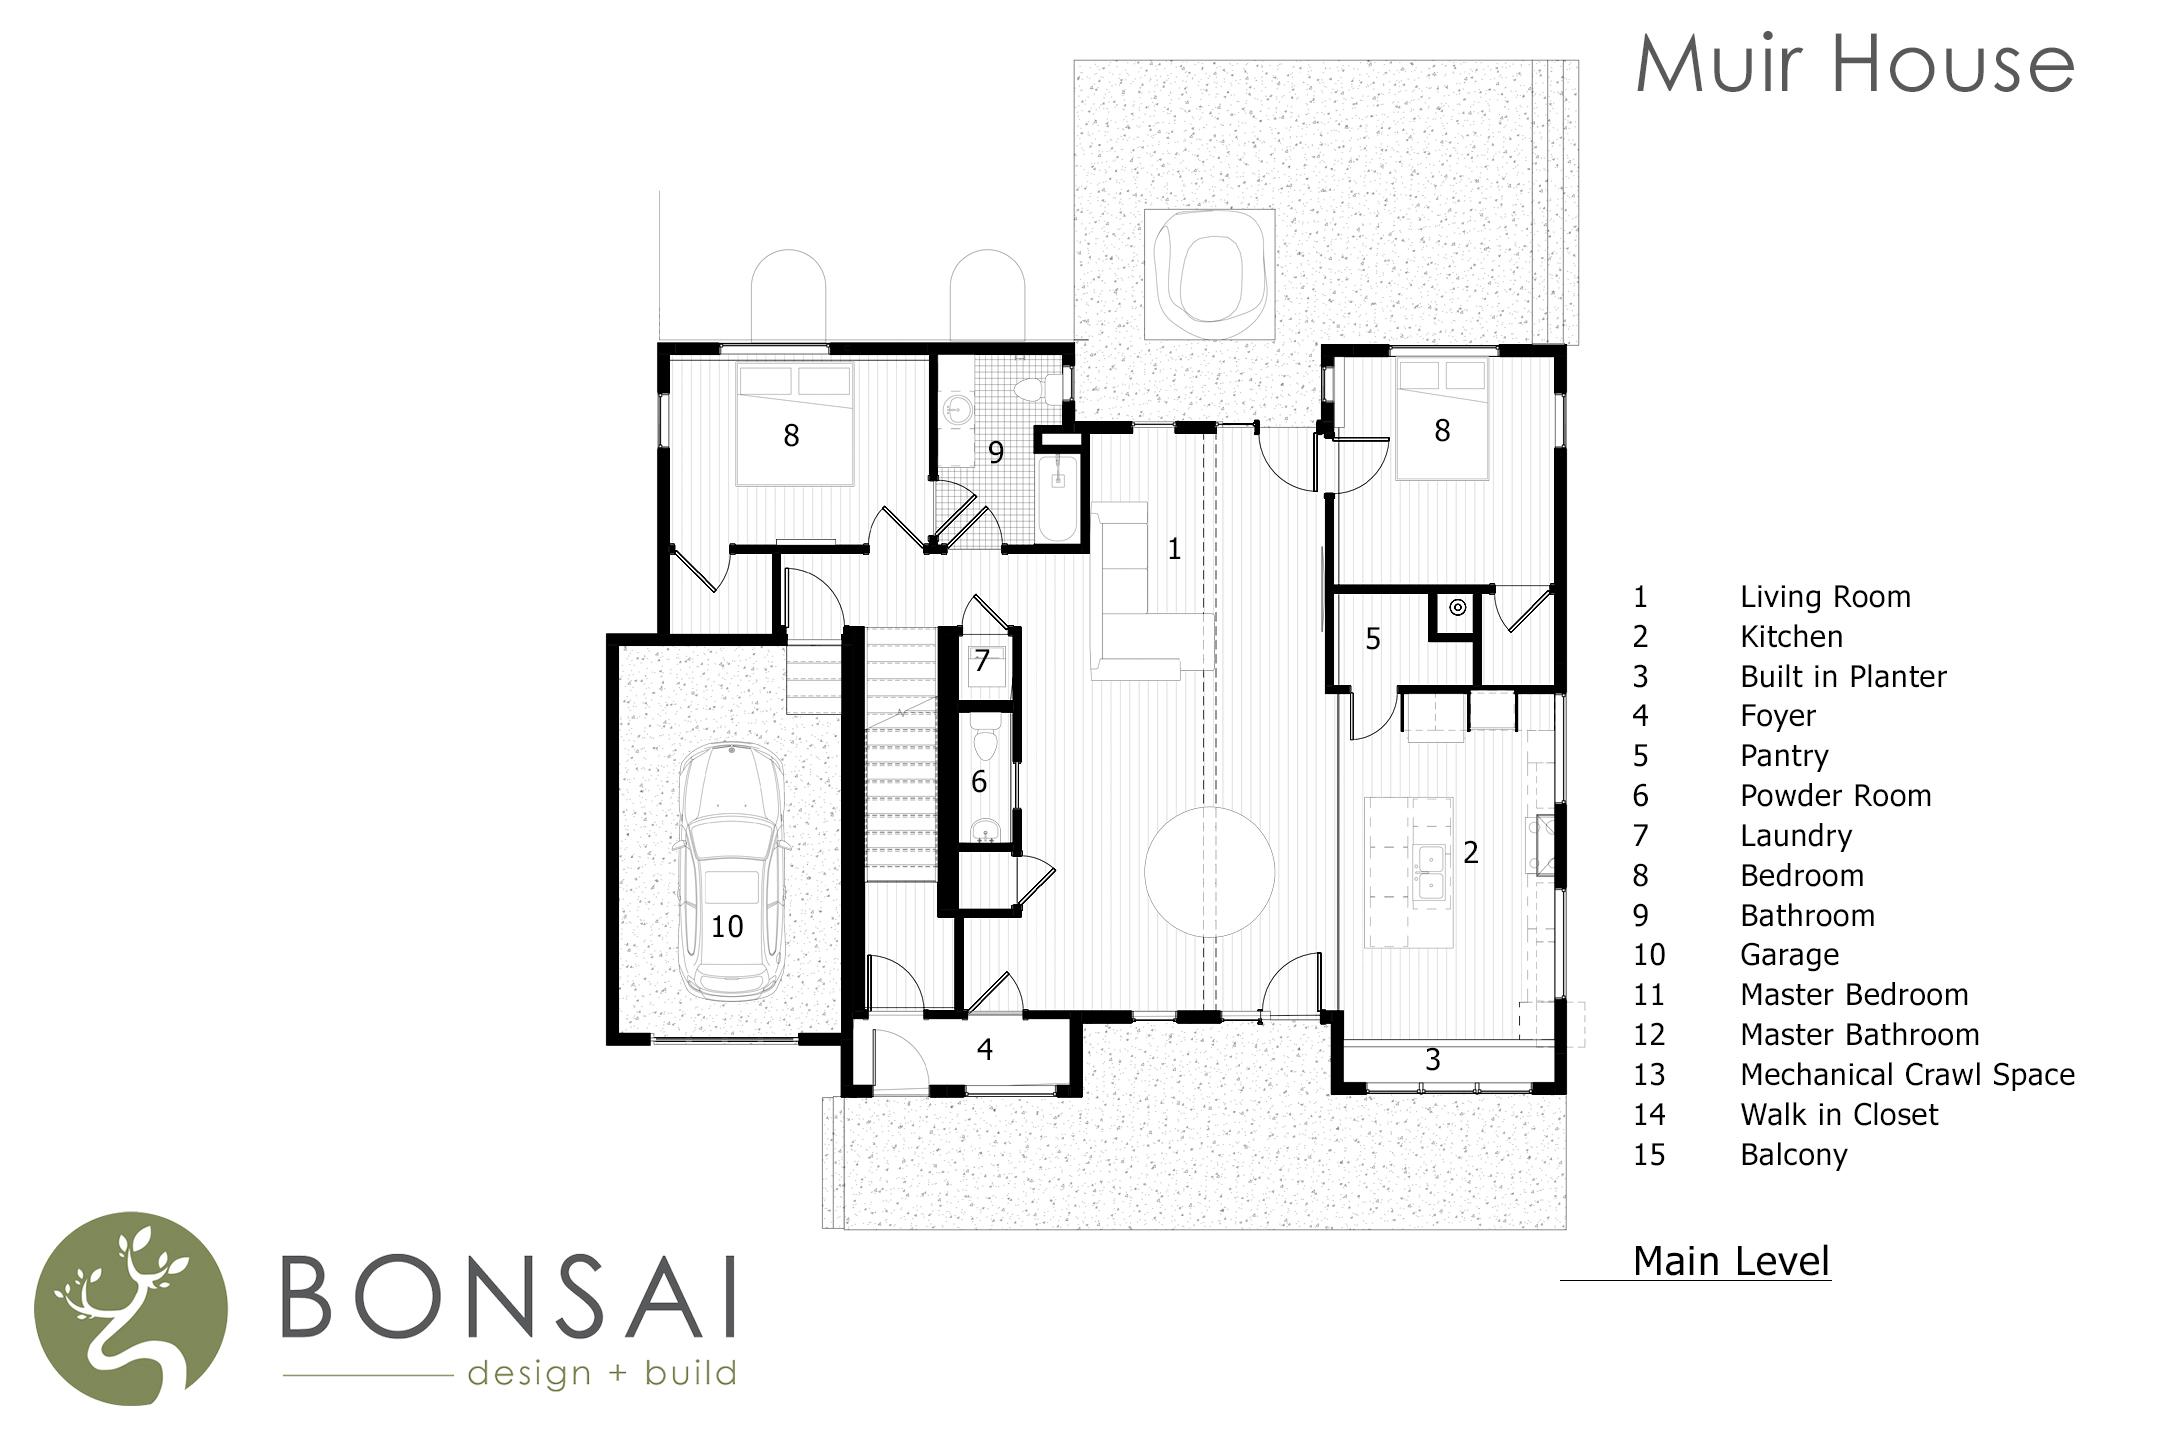 Muir House Main Floor Plan.jpg